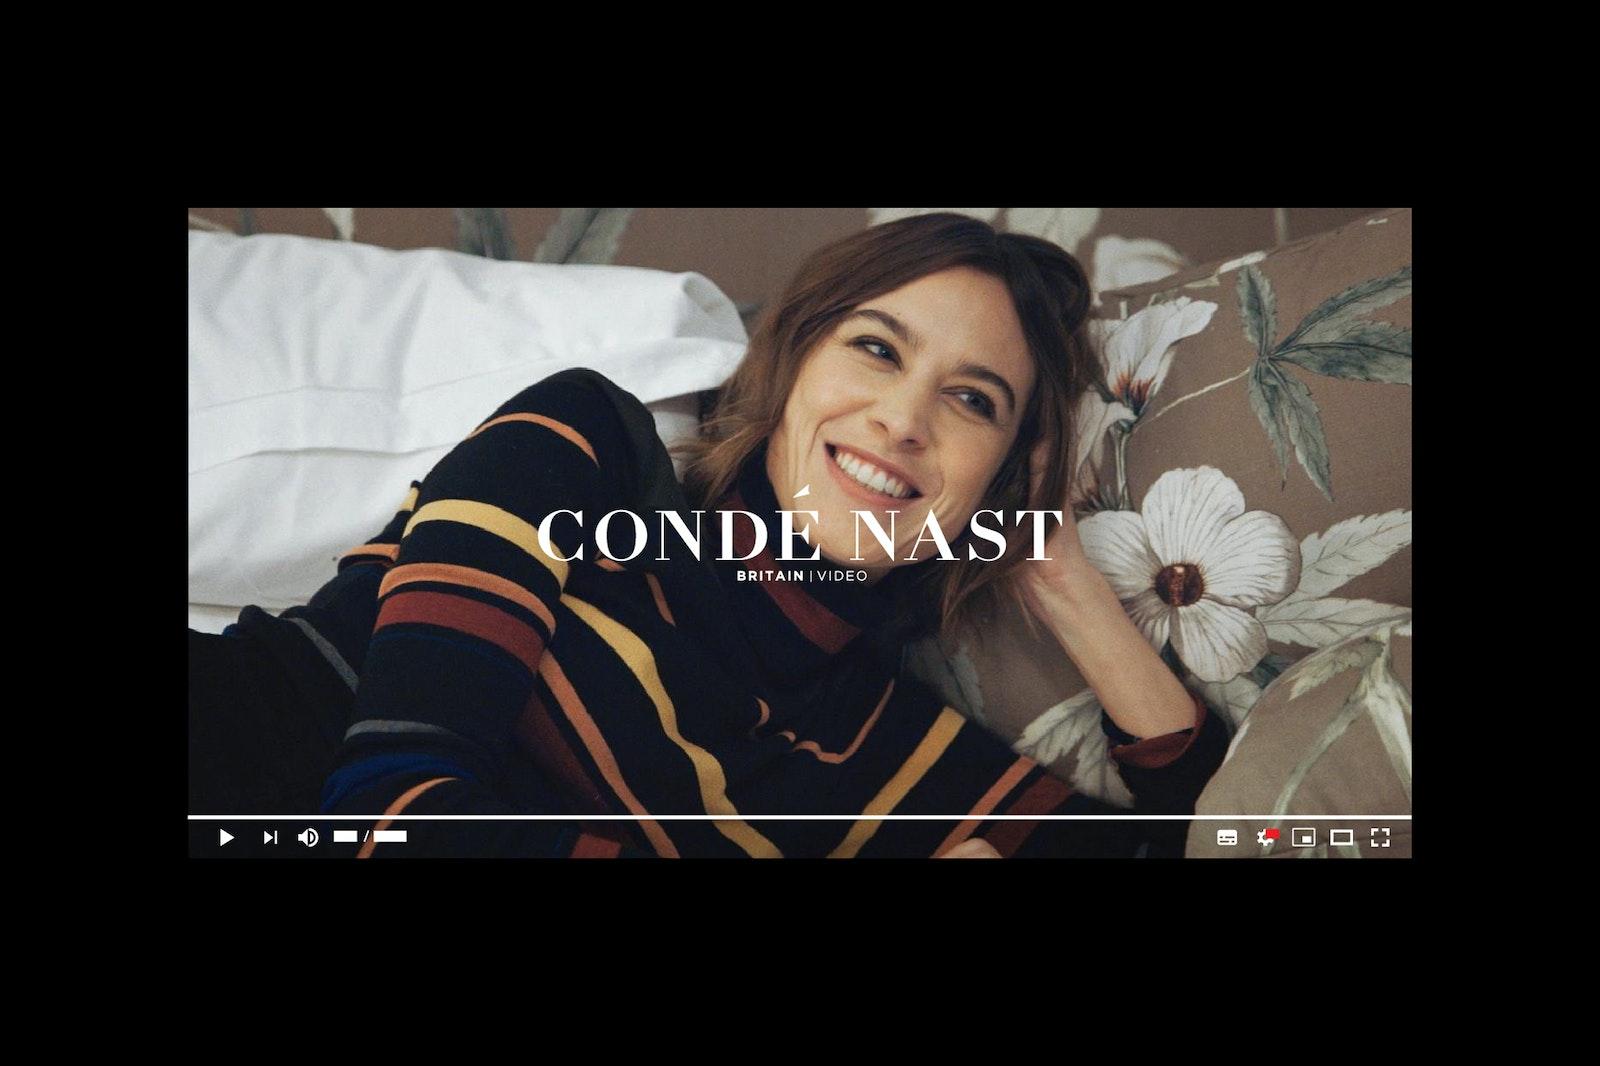 Condé Nast Video Identity